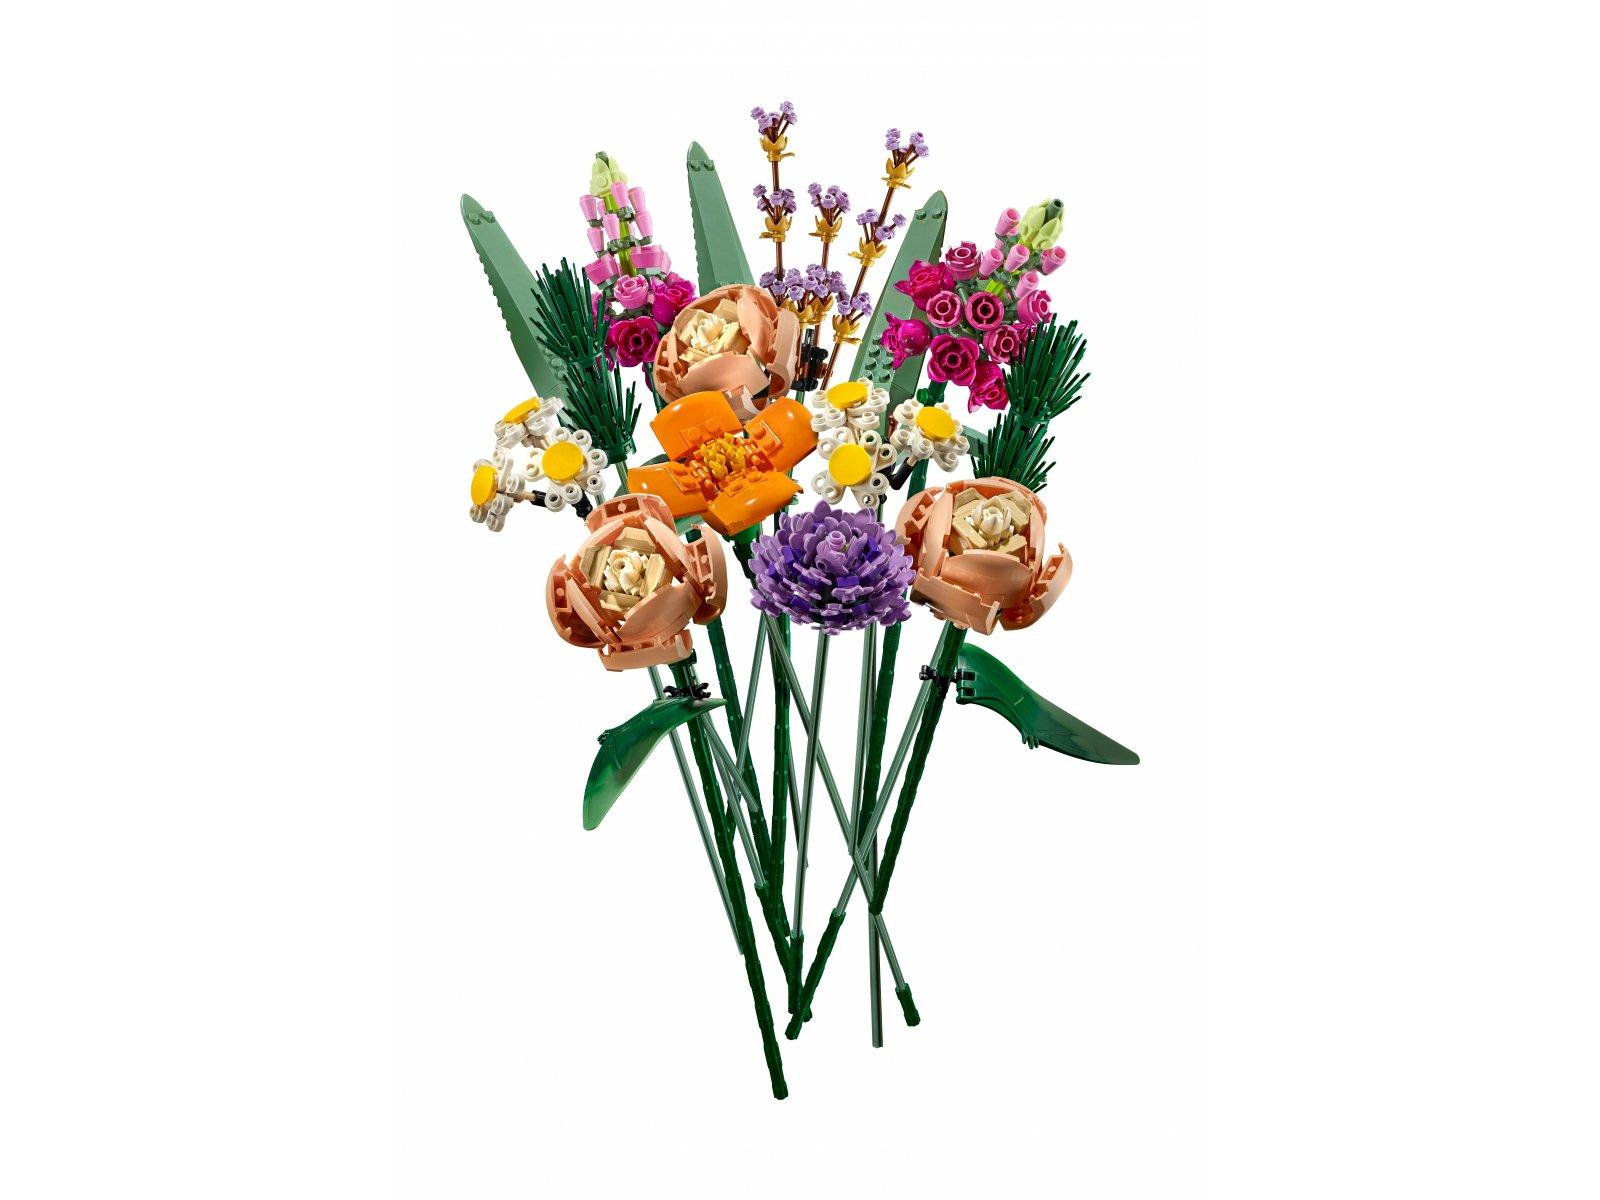 LEGO 10280 Bukiet kwiatów